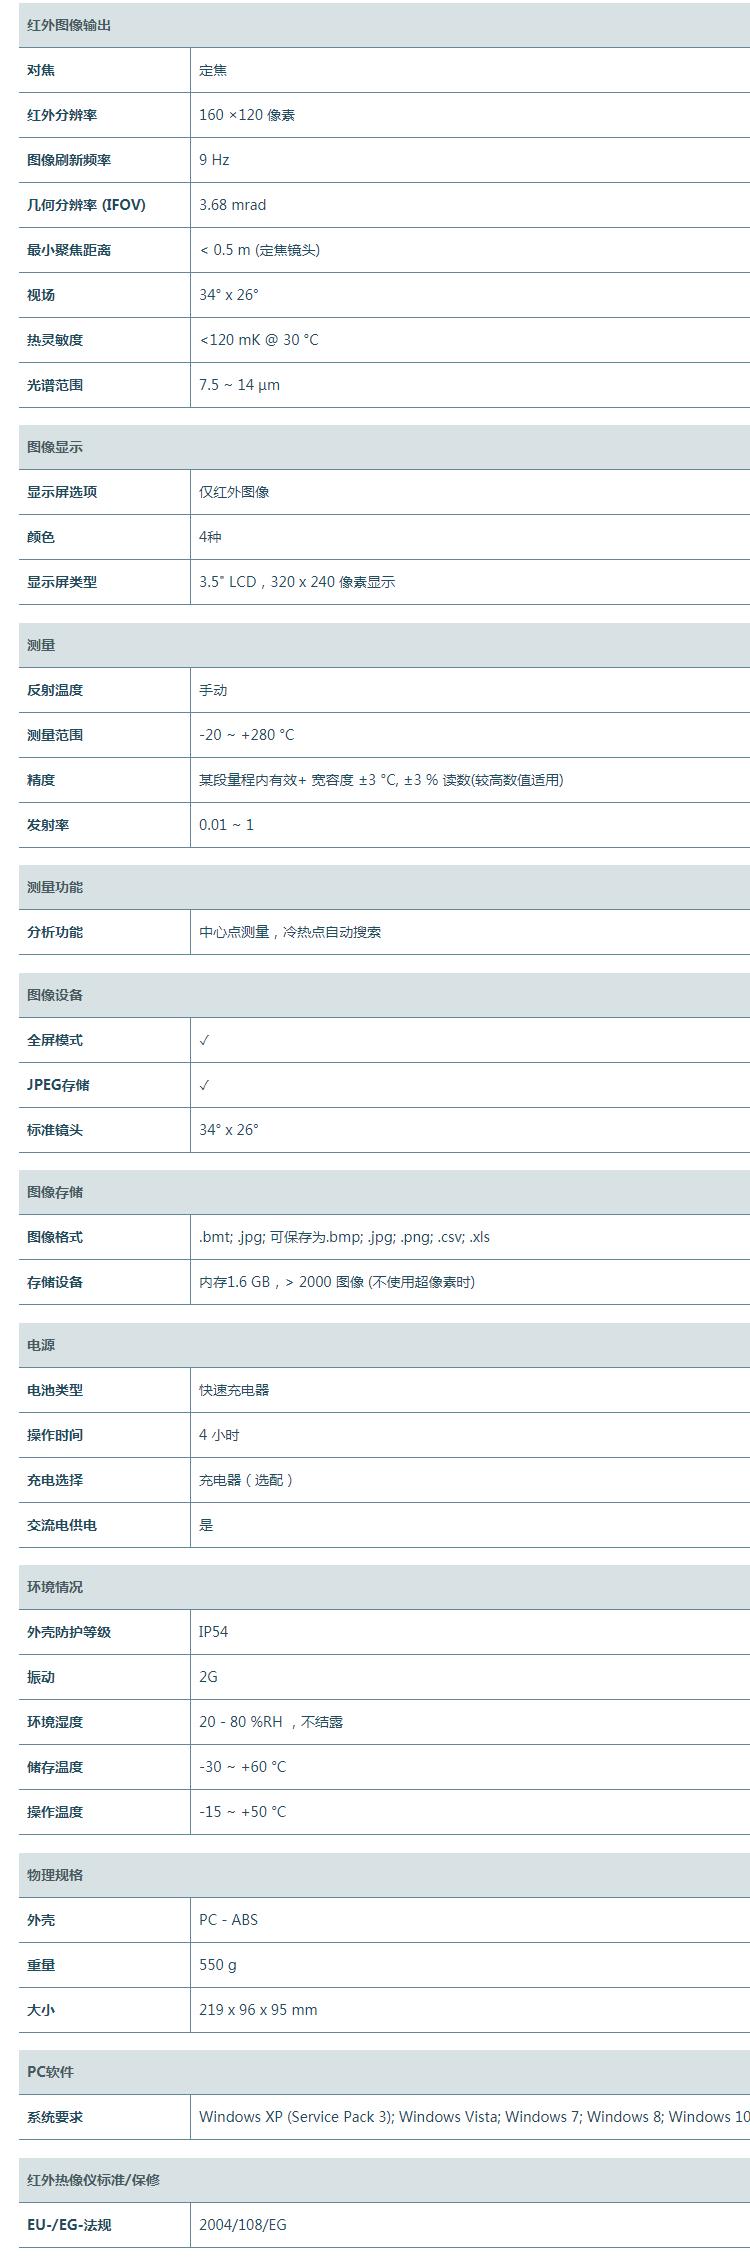 德图 红外热像仪testo 869